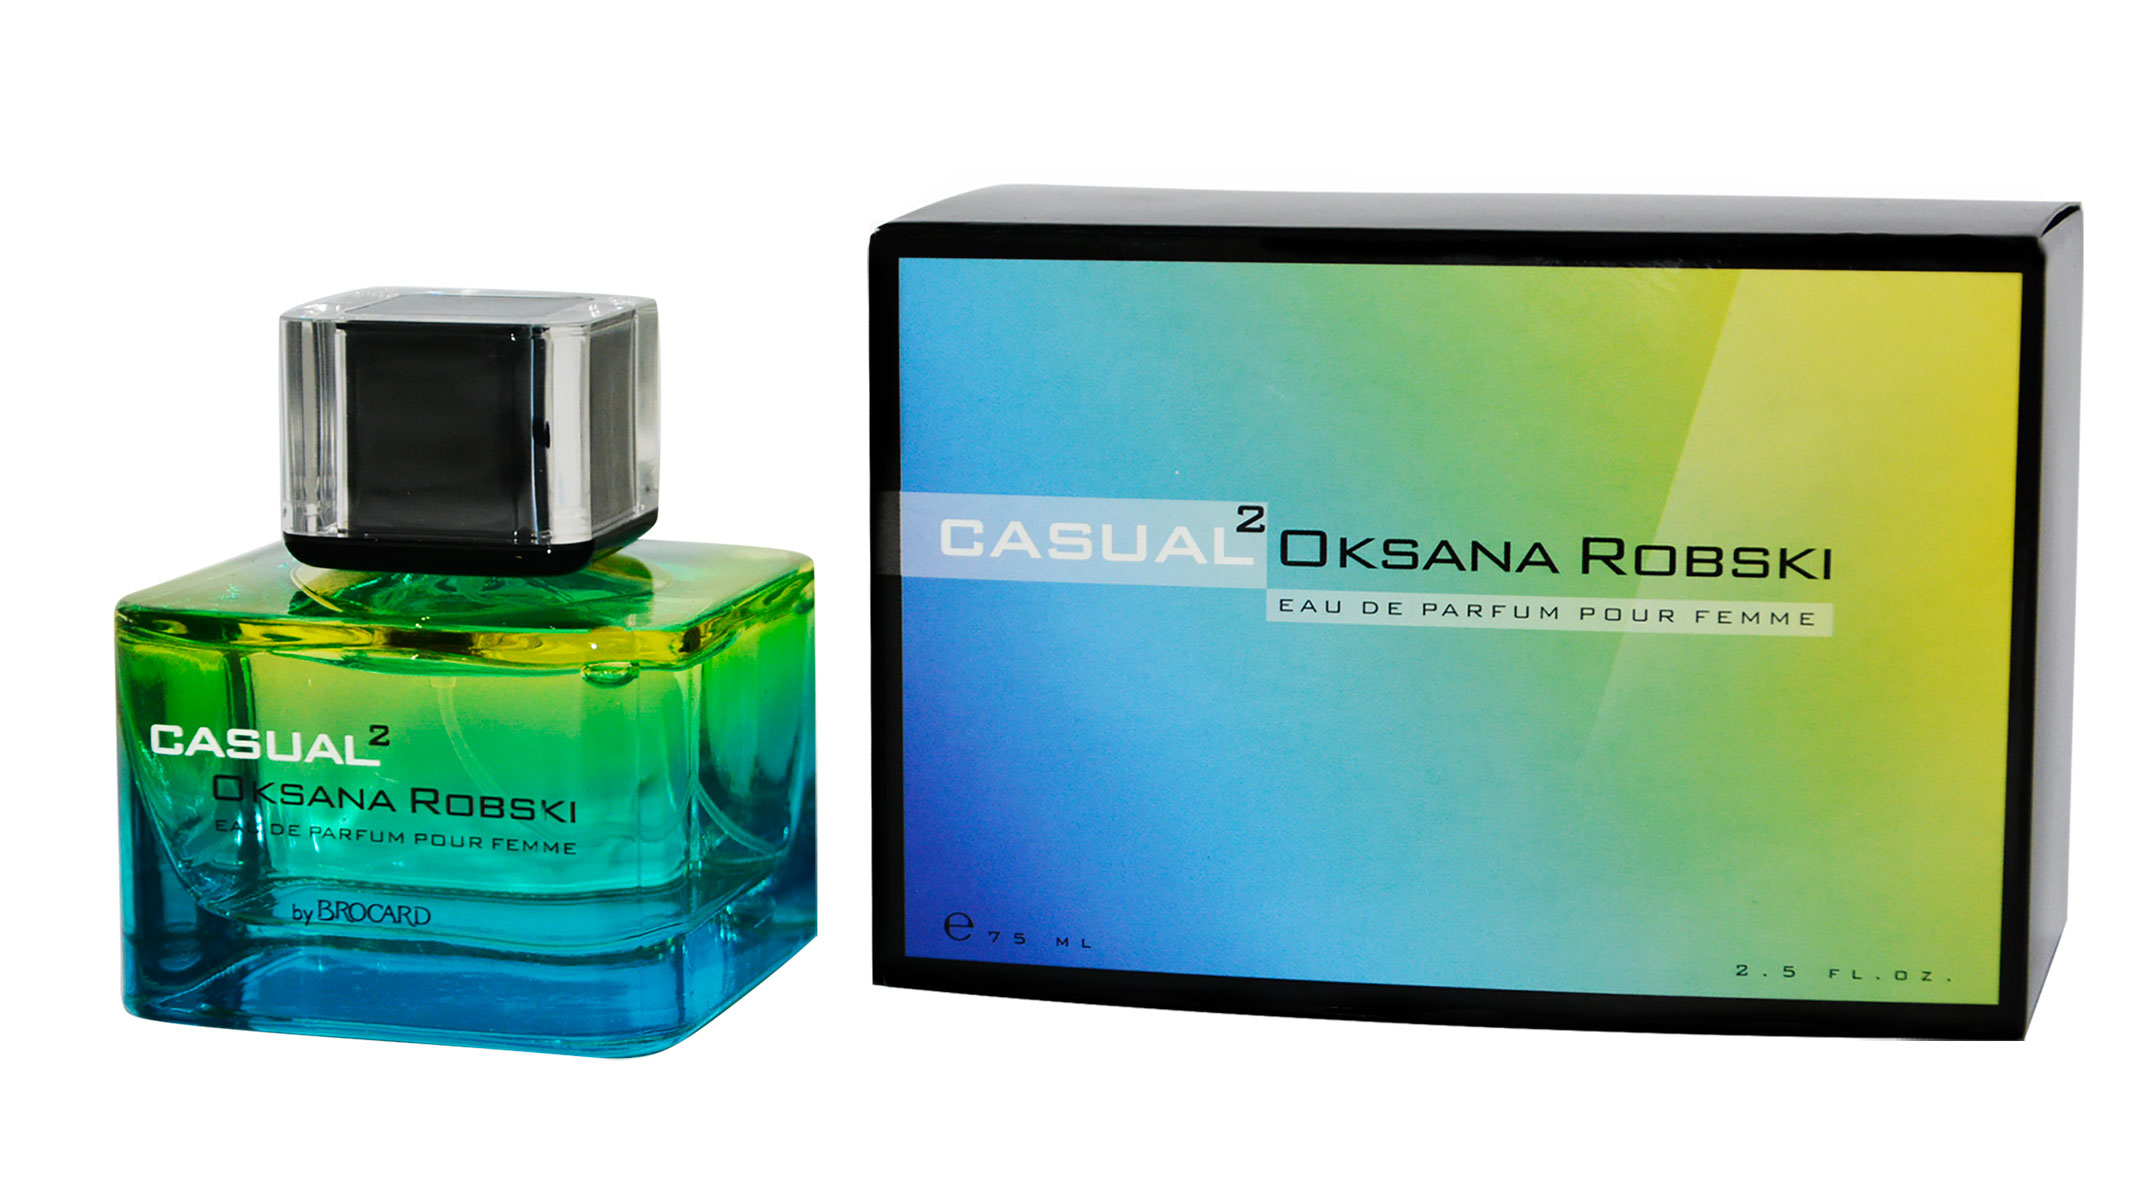 Brocard Oksana Robski Casual 2 парфюмерная вода для женщин, 75 мл12947Композиция Casual 2 создана легкой, свежей, невесомой, но звучащей долго. Удивительный универсальный аромат, который подходит для ежедневного использования на работе, для деловых встреч и романтических свиданий.